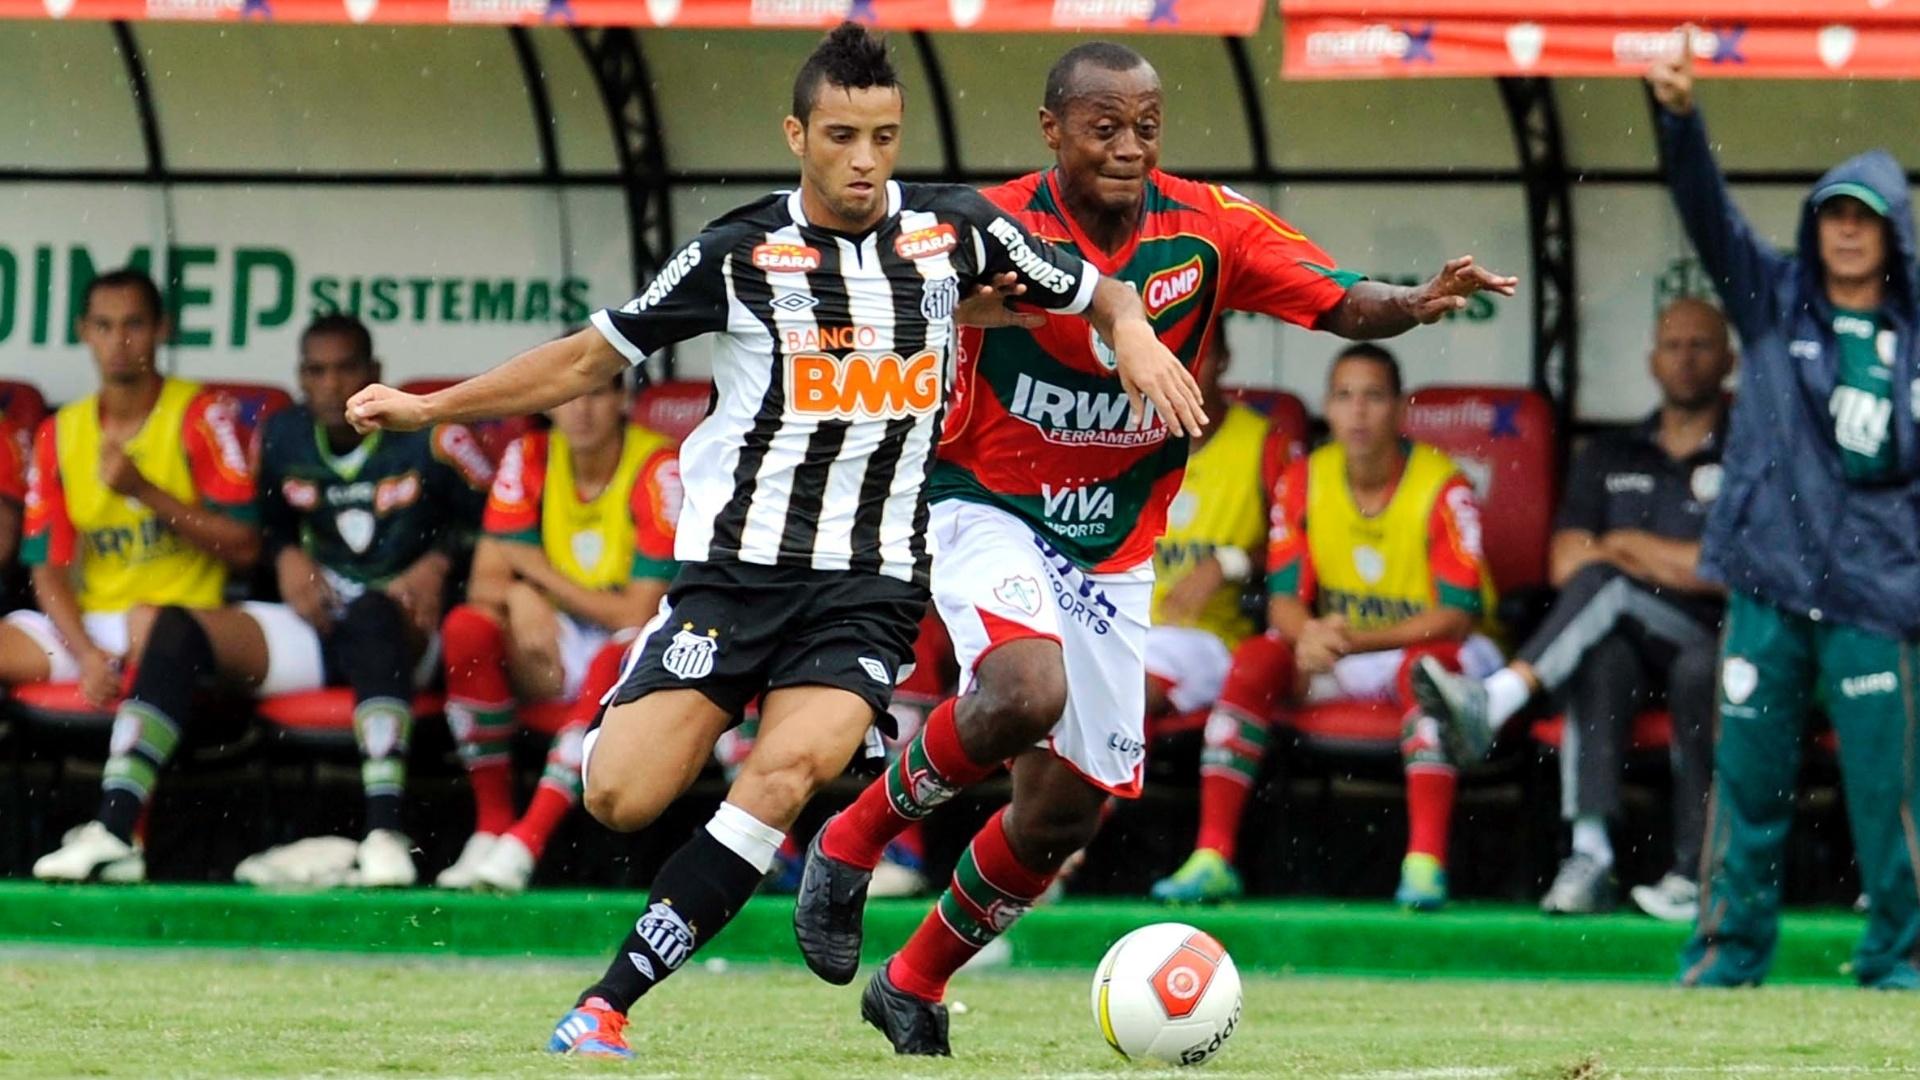 Jovem Felipe Anderson, do Santos, teve mais uma chance para mostar o seu potencial no jogo contra a Lusa